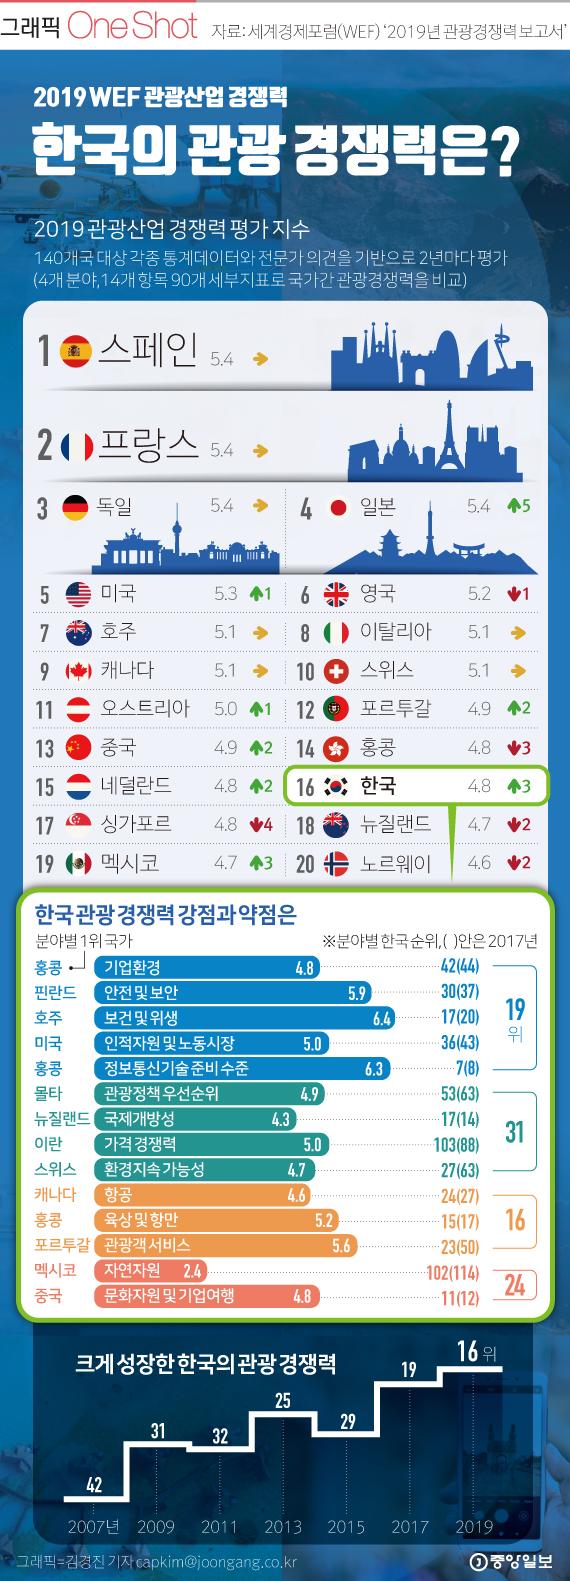 한국, 관광 산업 경쟁력 세계 16위.